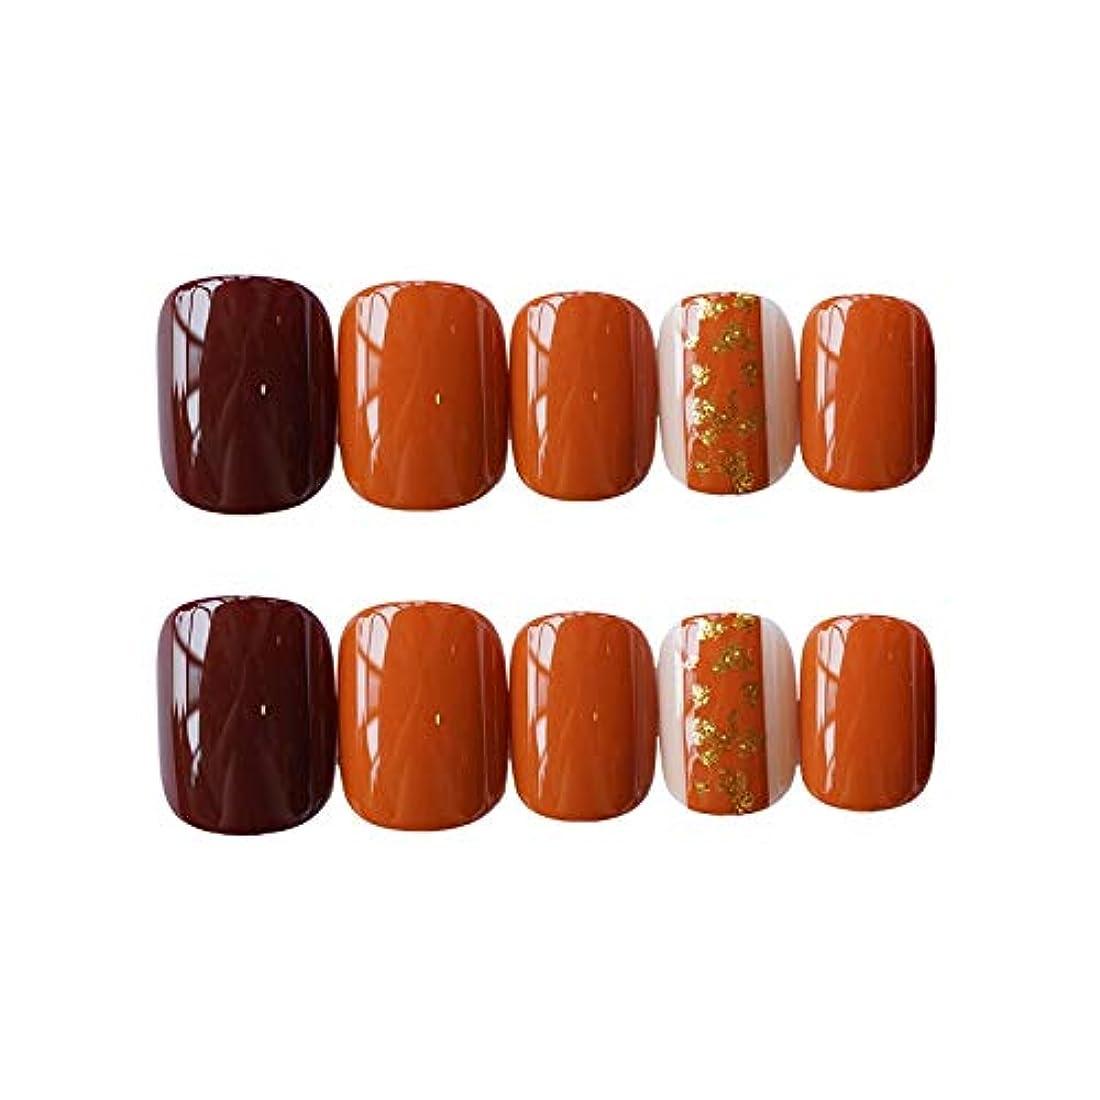 少年道路本質的にNANNAN ネイルチップ ネイルチップ つけ爪 付け爪 つけ方簡単 ネイル デコネイルコレクション シール ハロウィン 母の日 パーティ 人気 毎日変身 24枚セット